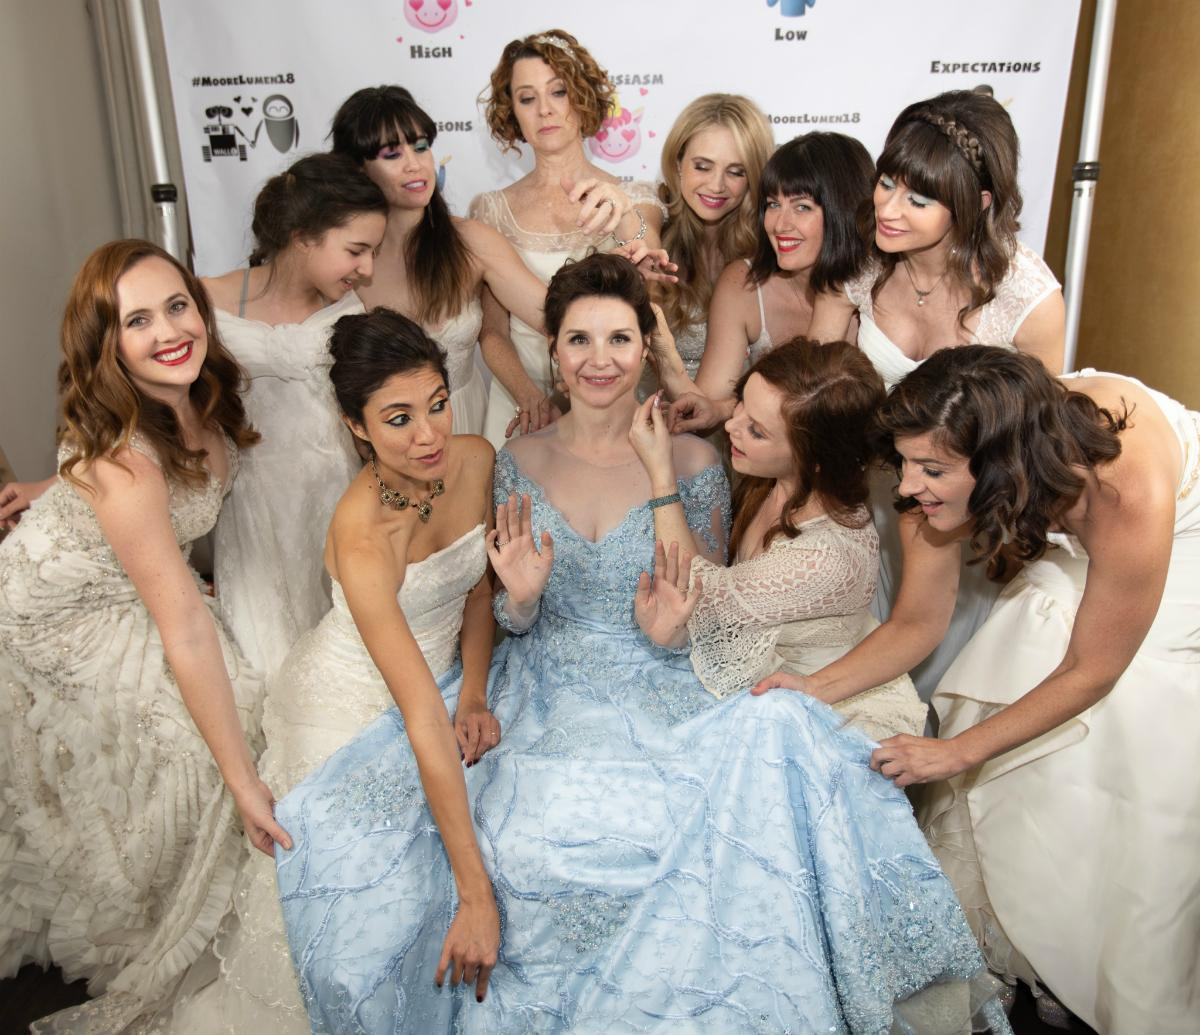 all-bride-wedding-1-1549311421415-1549311424041.jpg